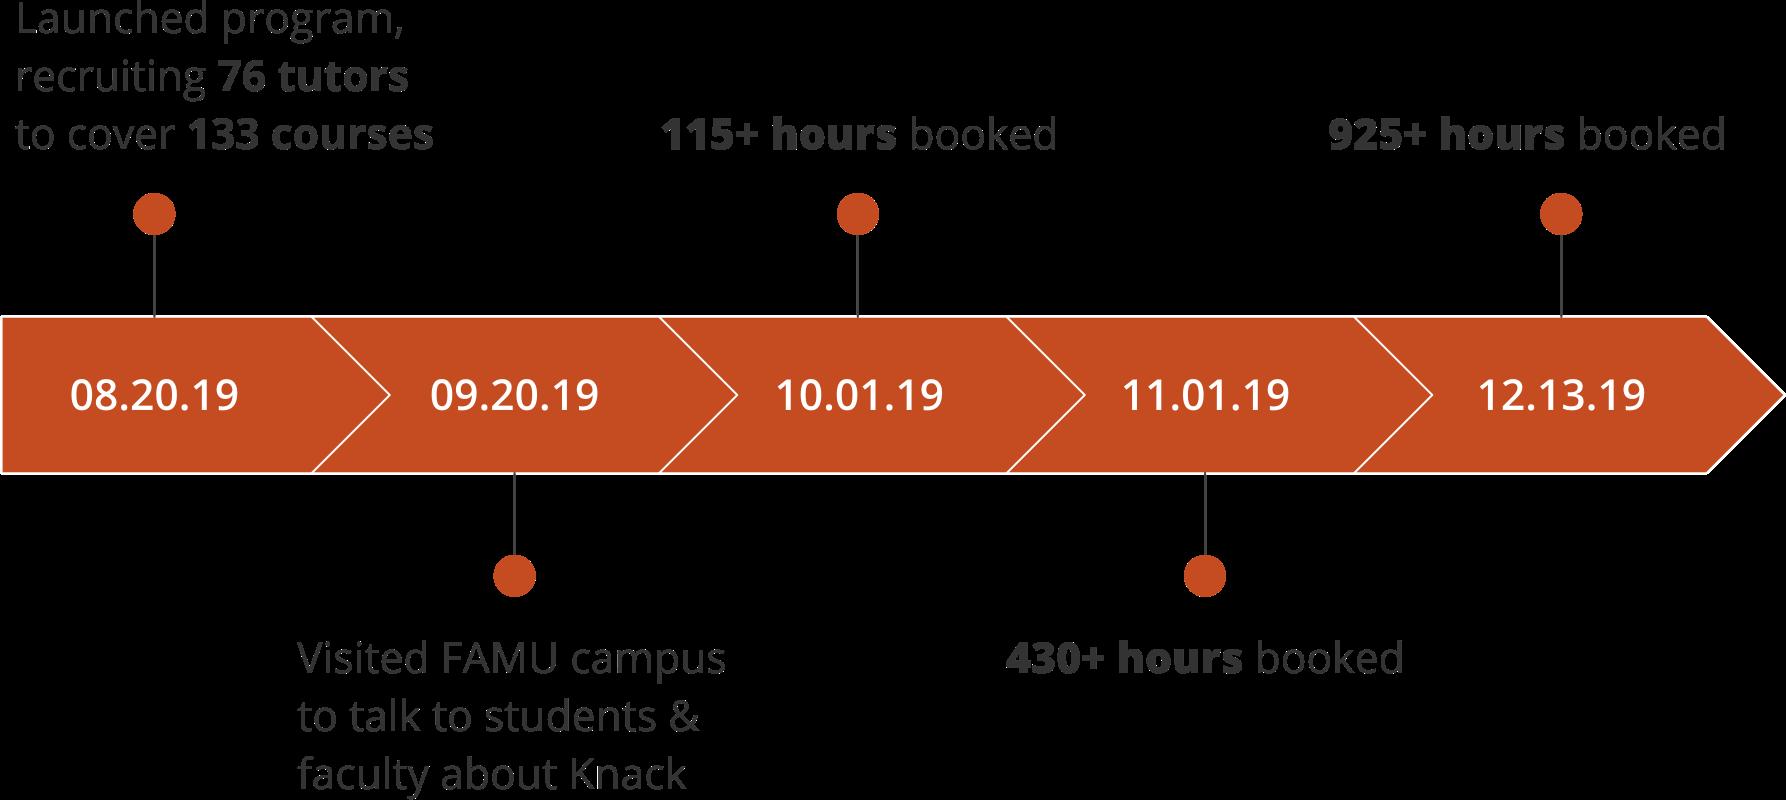 FAMU Case Study Timeline